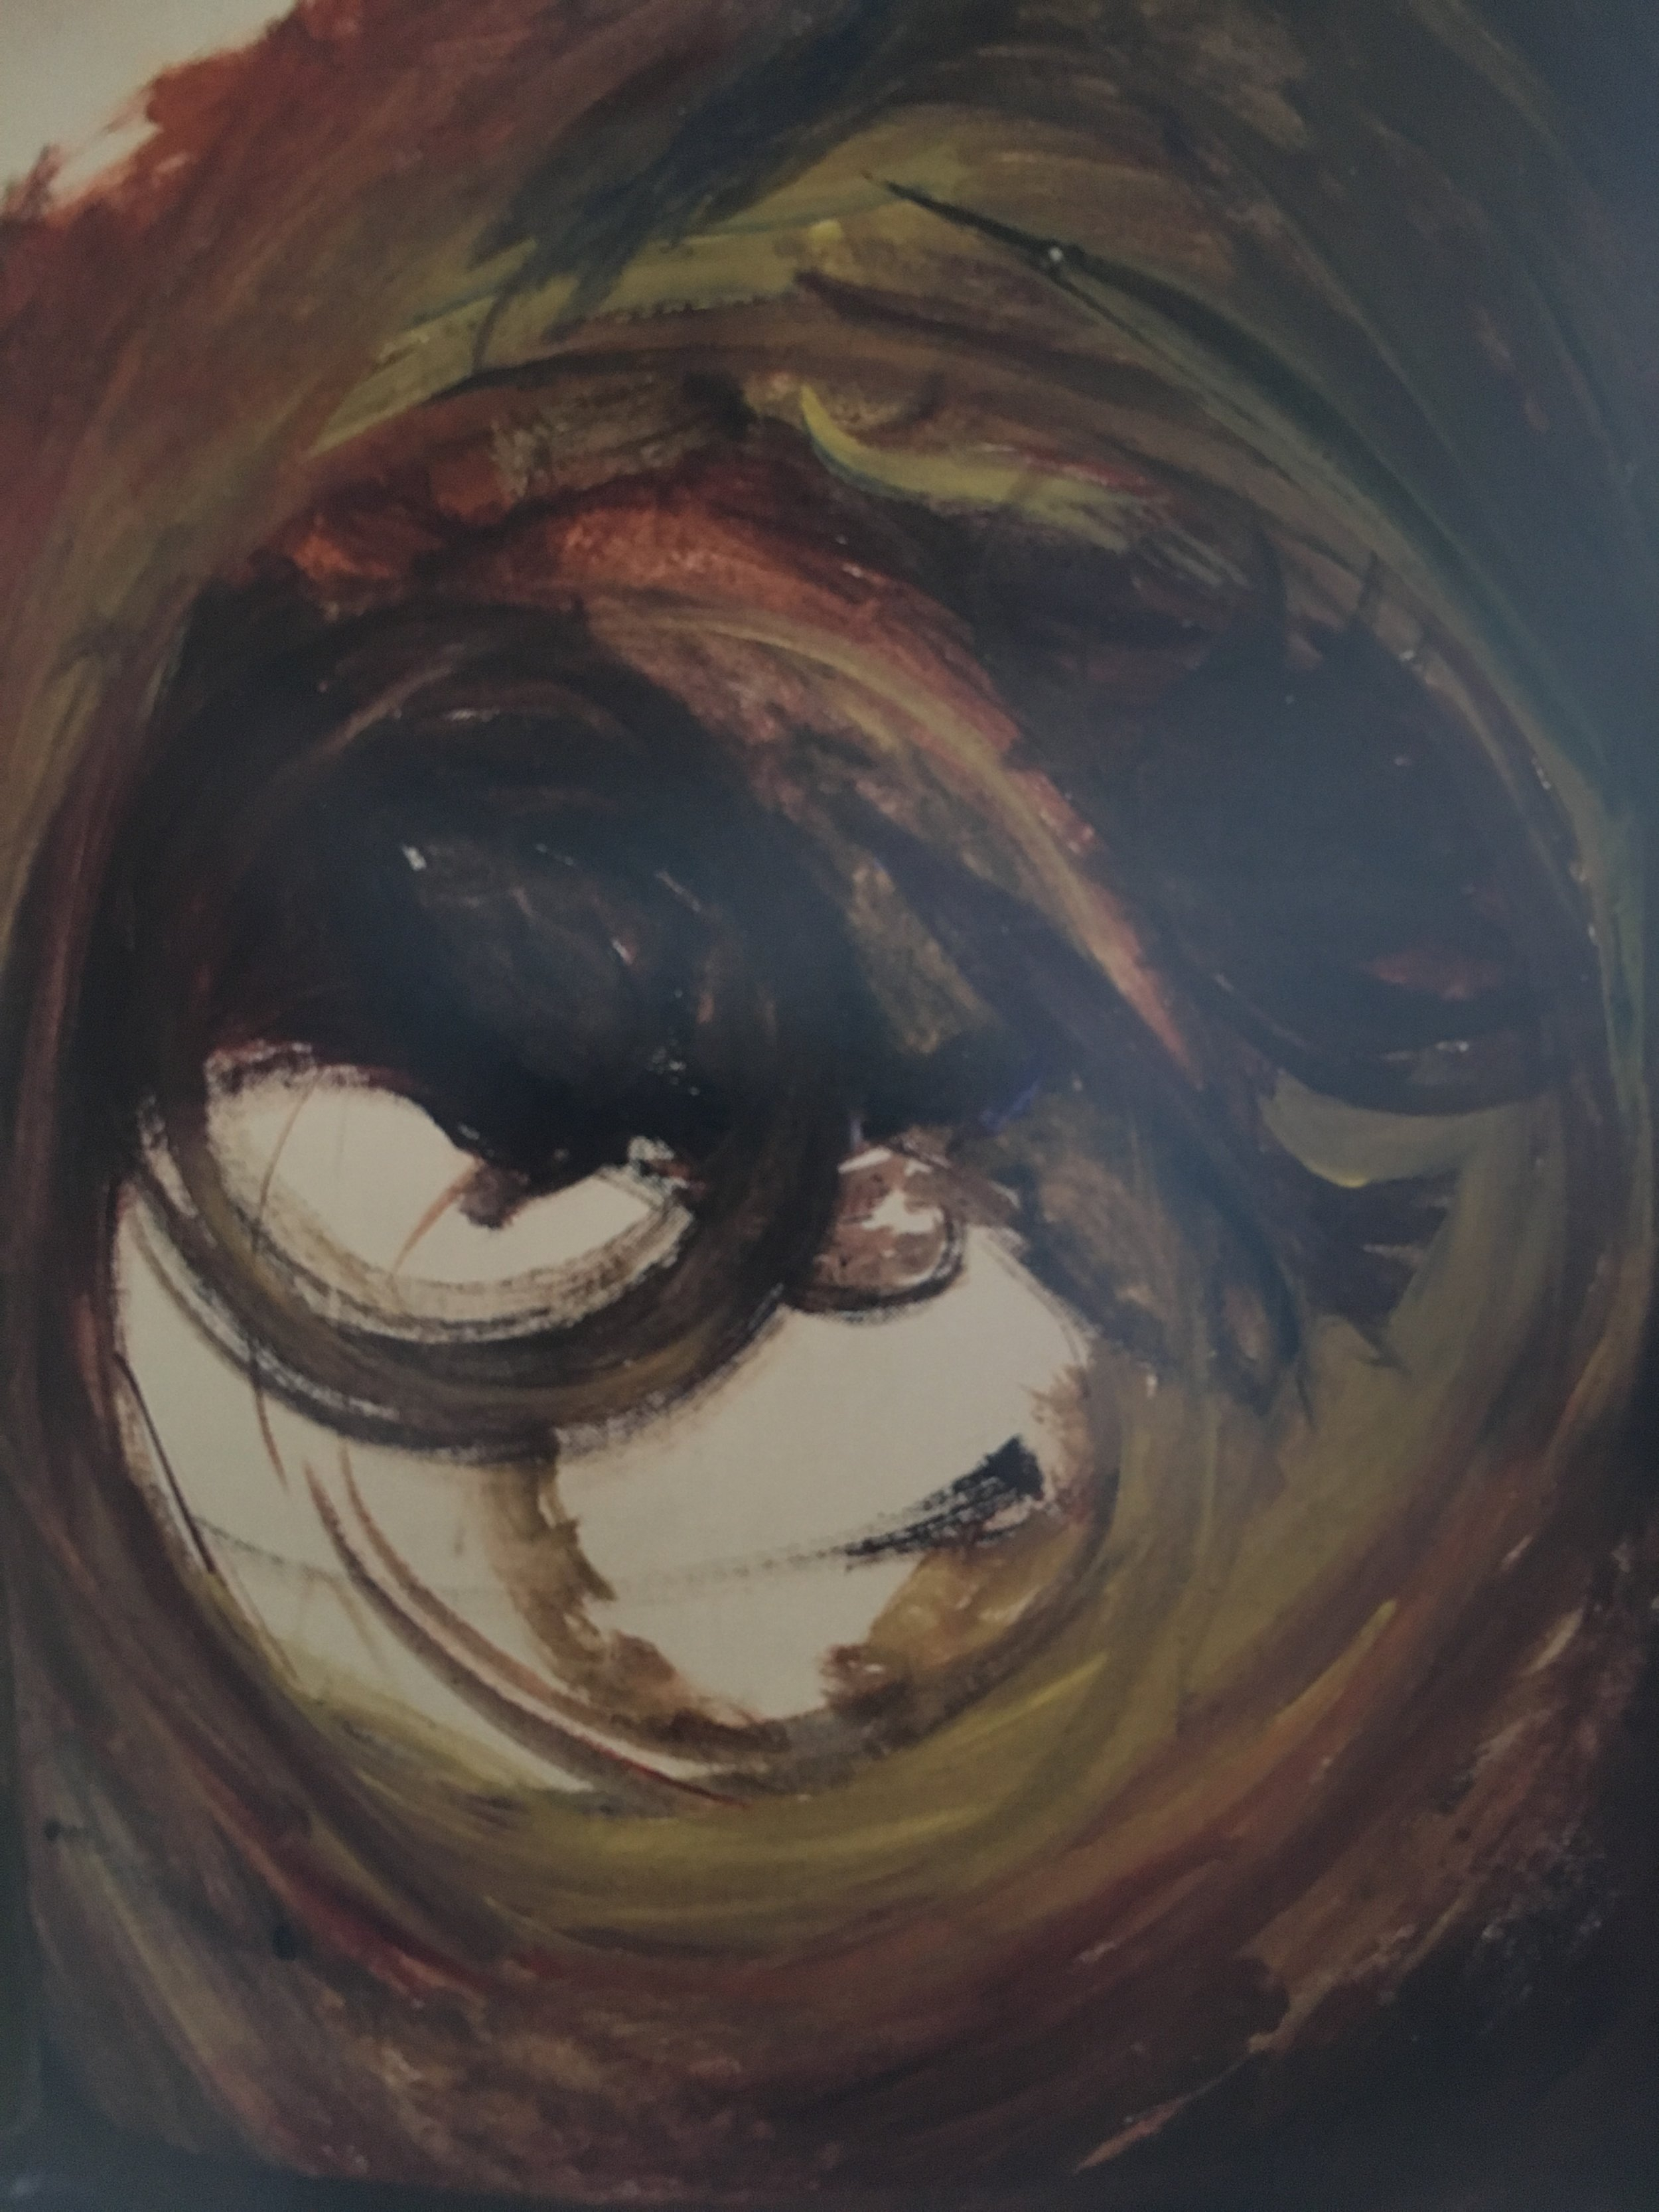 Truman-Capote-painting-Kerouac